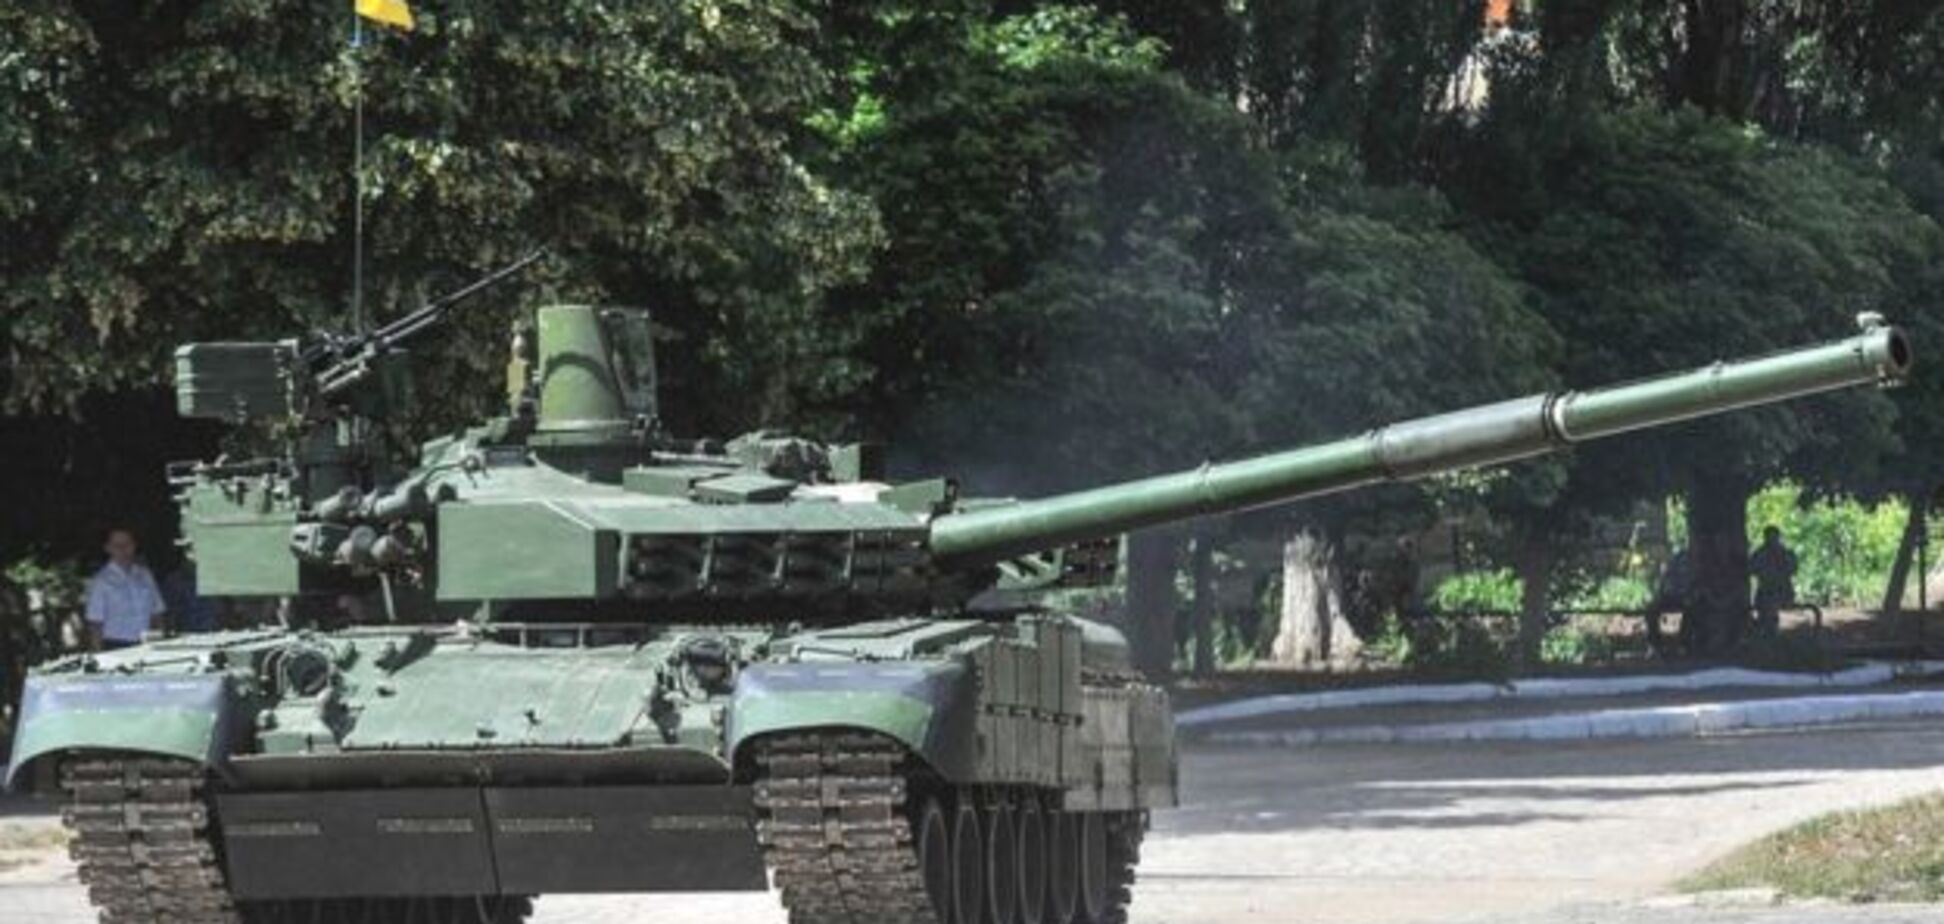 Україна презентує новітню важку зброю 'Богдана': що про неї відомо